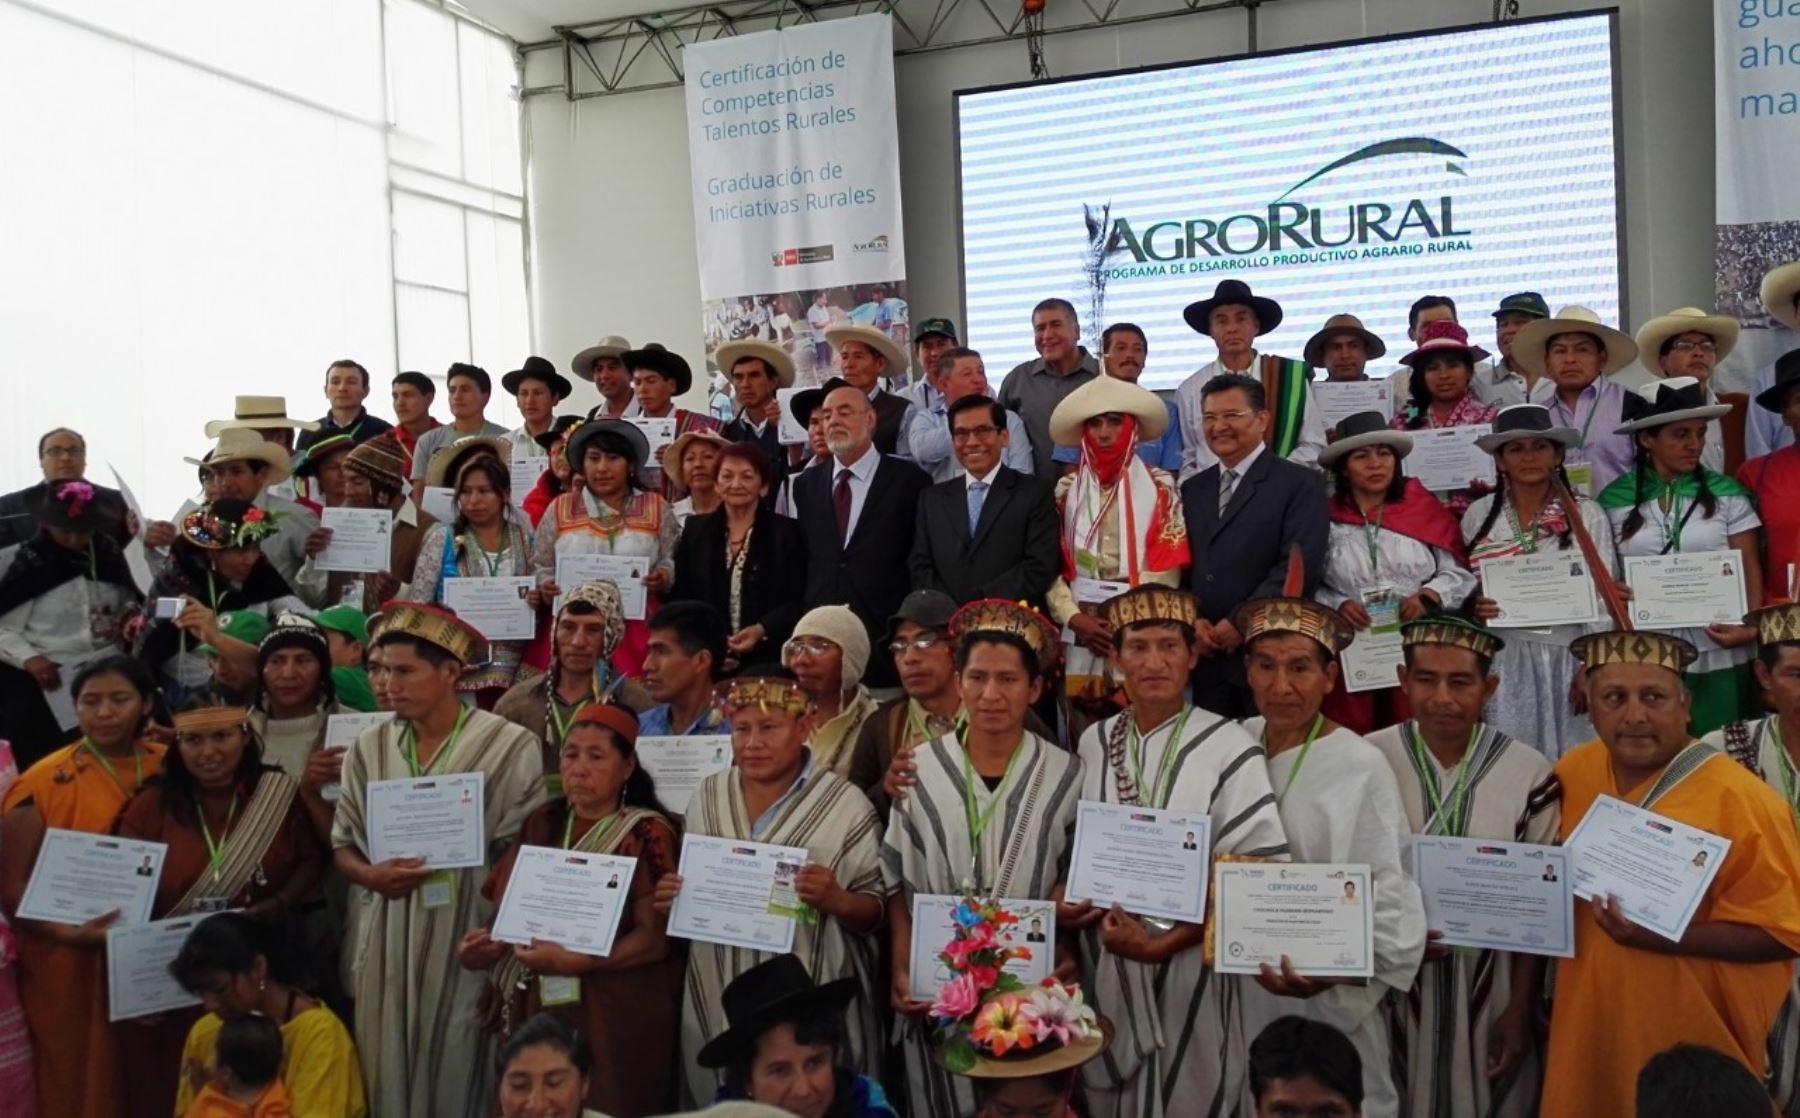 Sineace y AgroRural certifican a más de 100 talentos rurales del país